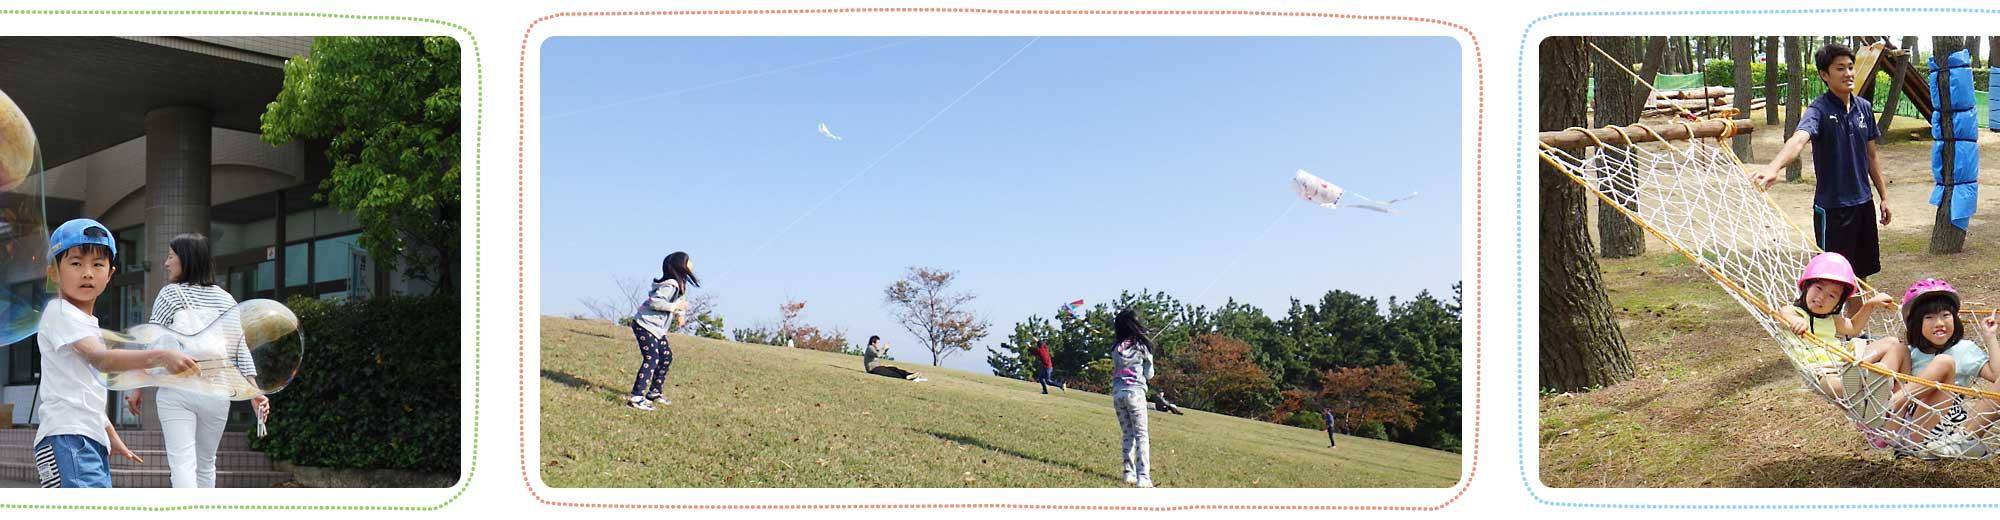 凧揚げできる芝生広場のテクノポート福井総合公園